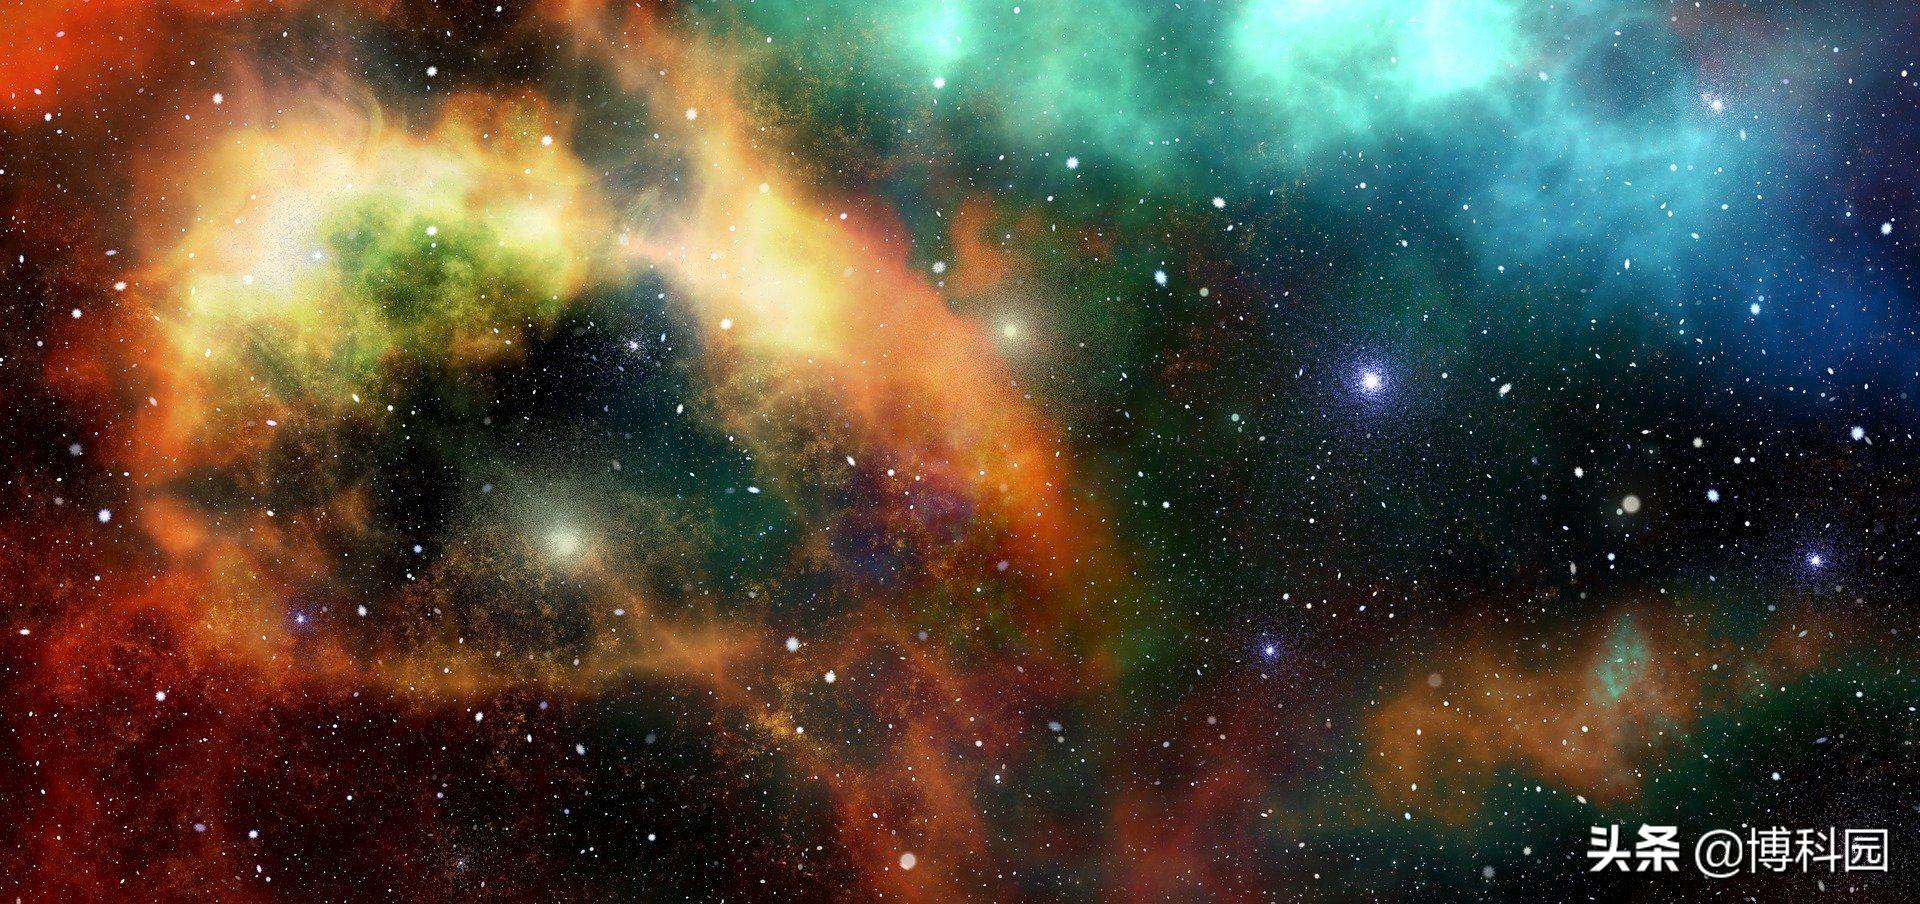 长达7300天的观测,终于发现5颗系外行星!